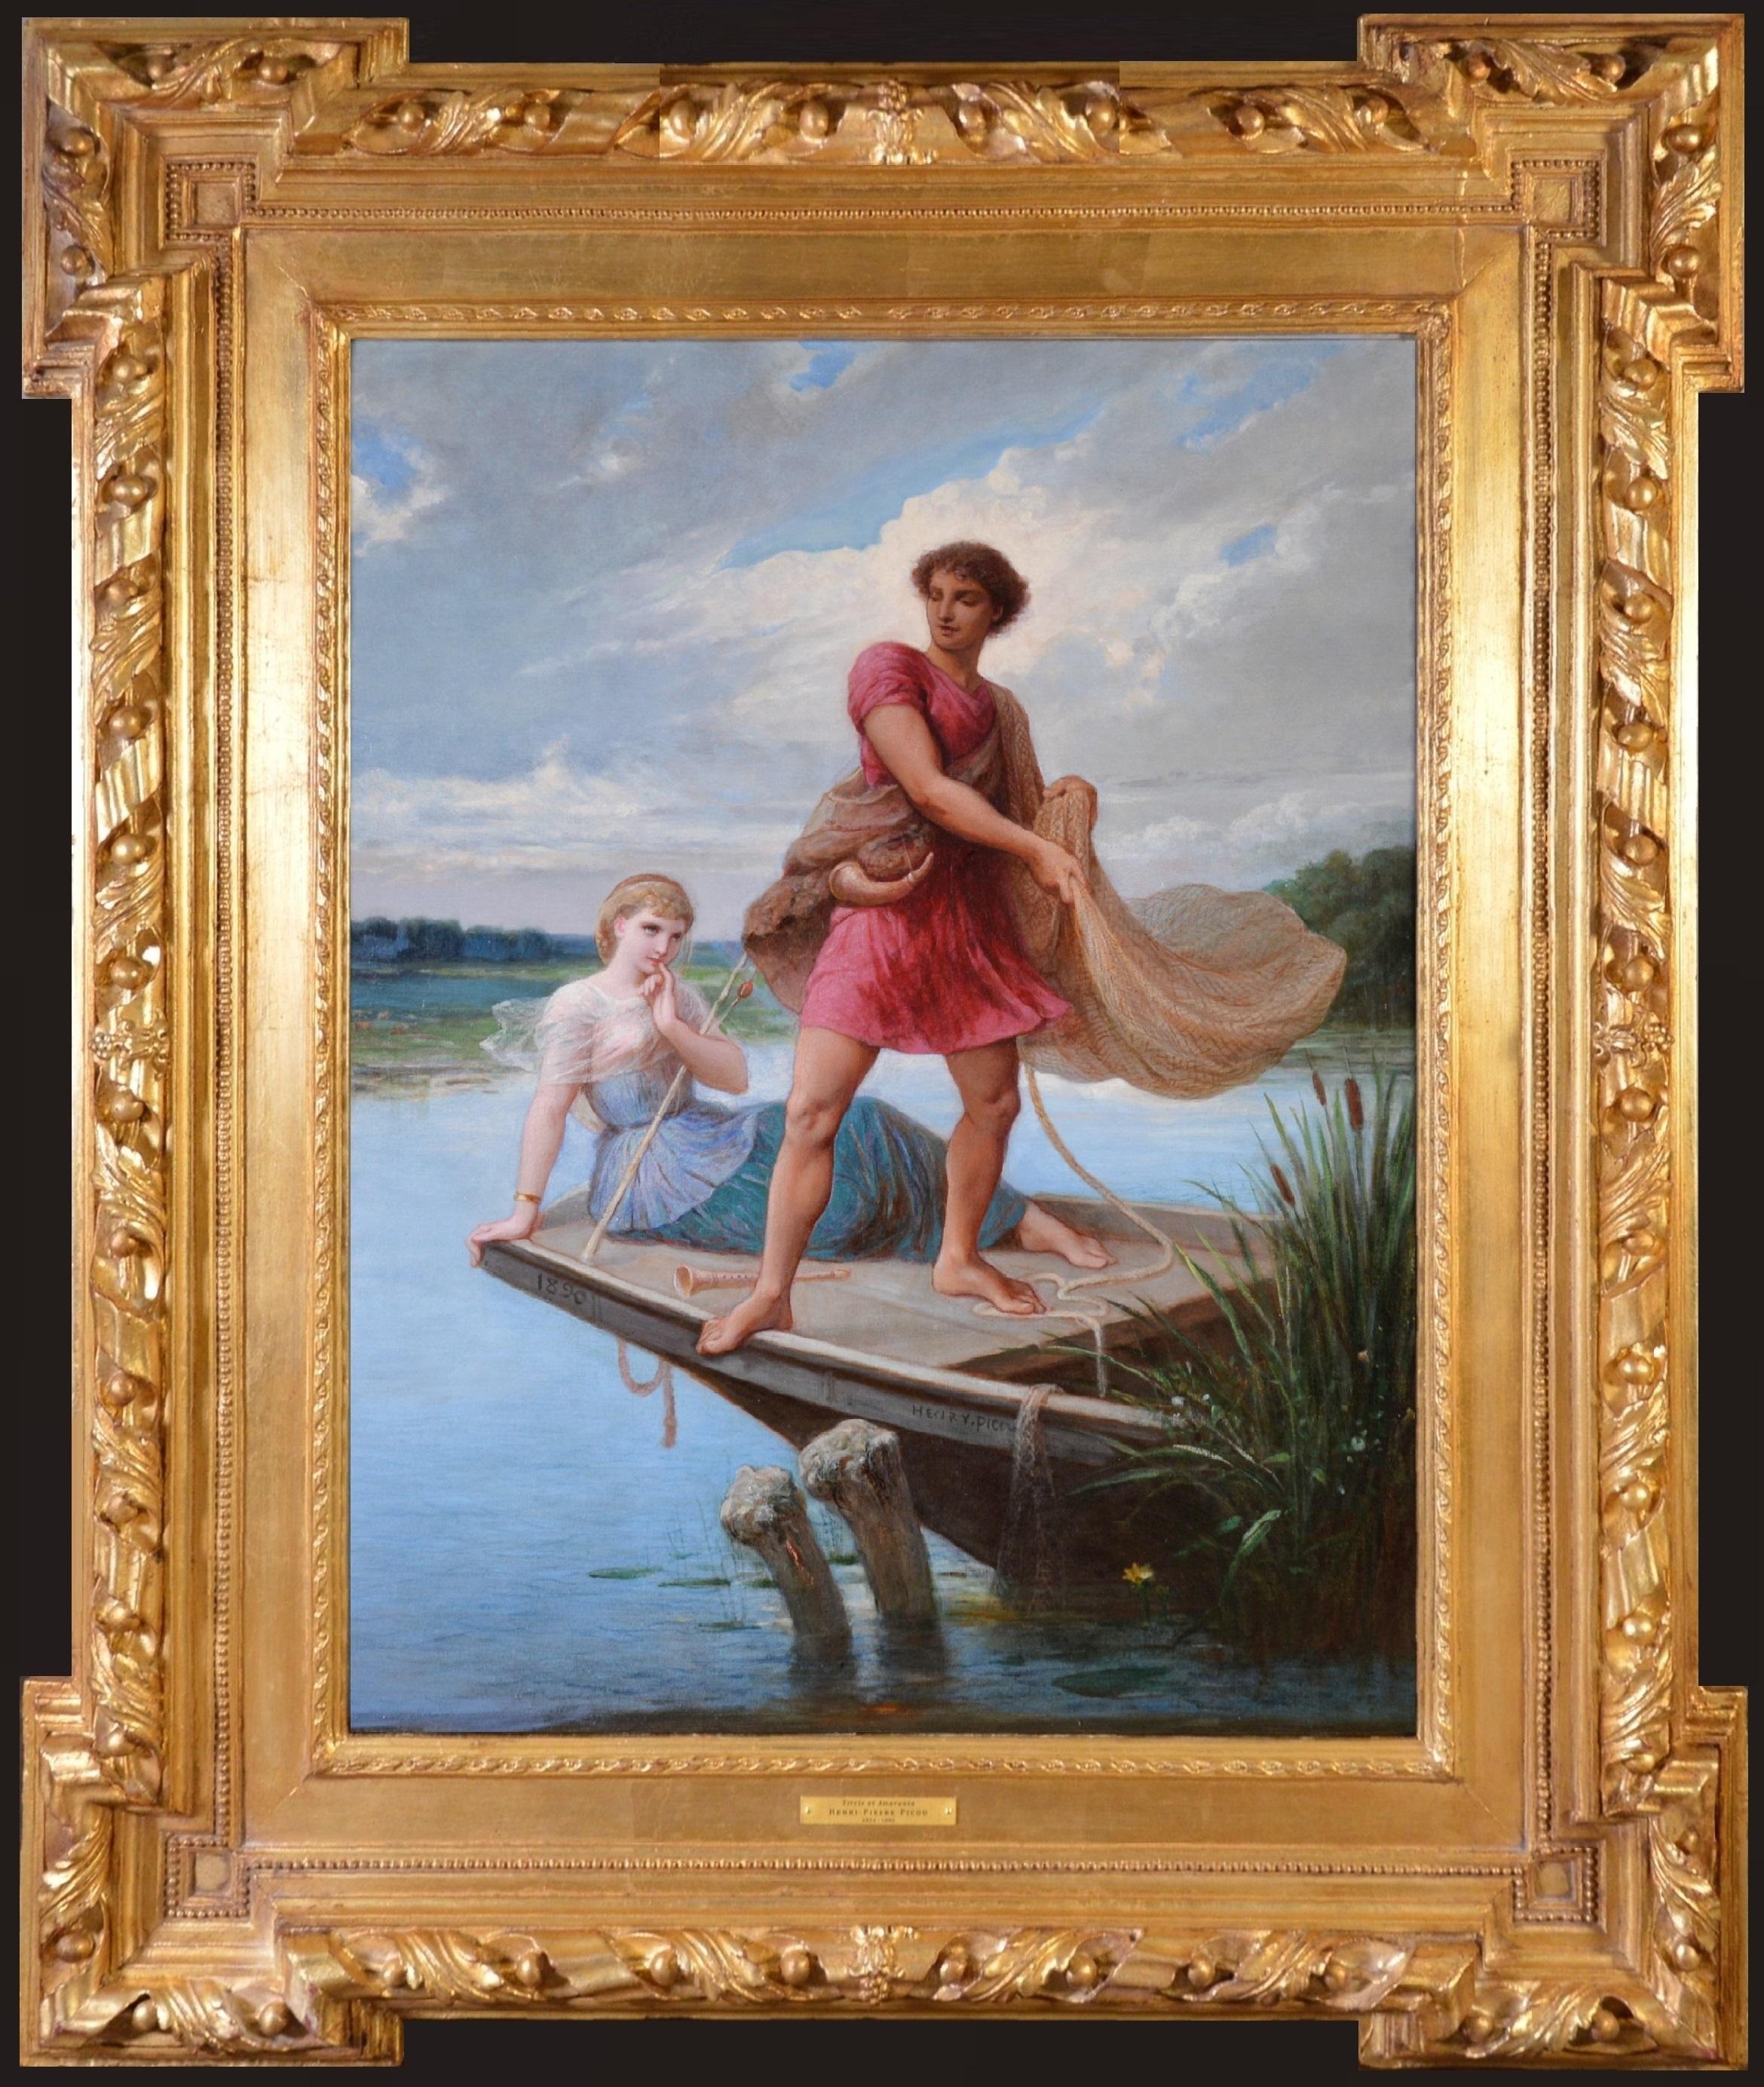 Tircis et Amarante - Large 19th Century Exhibition Oil Painting de la Fontaine